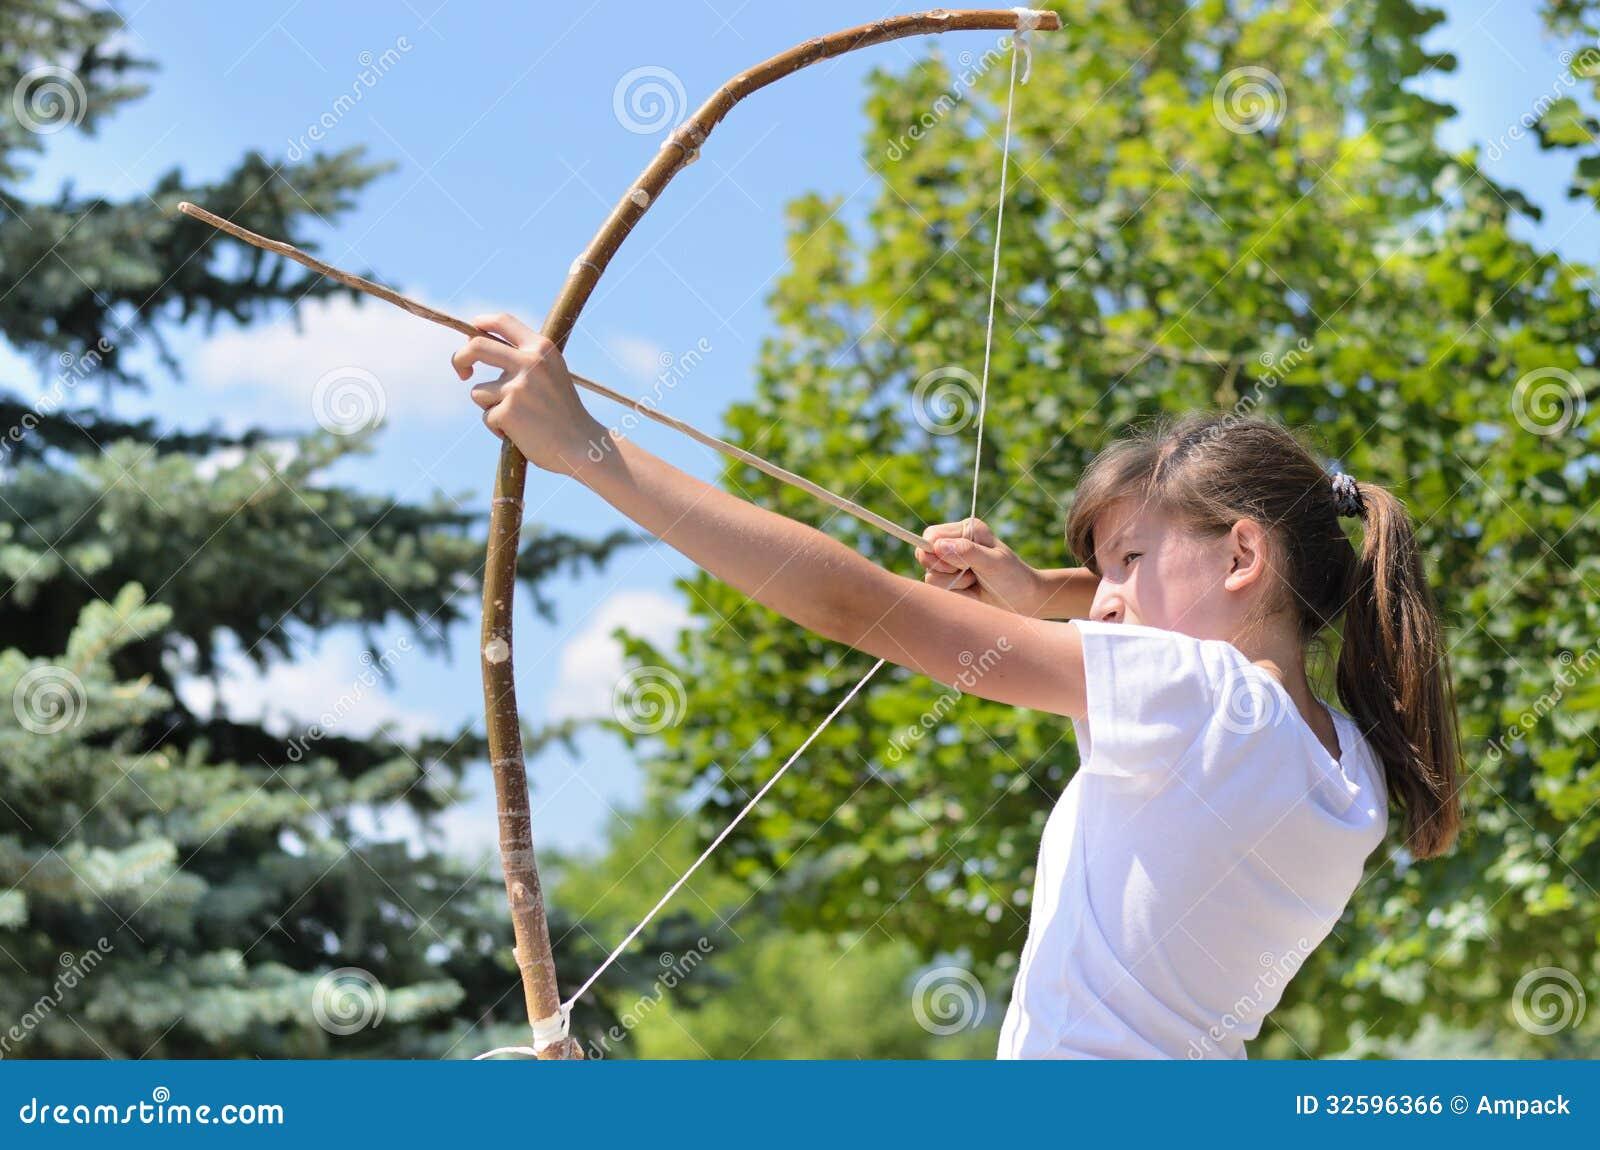 Девочка-подросток принимая цель с луком и стрелы